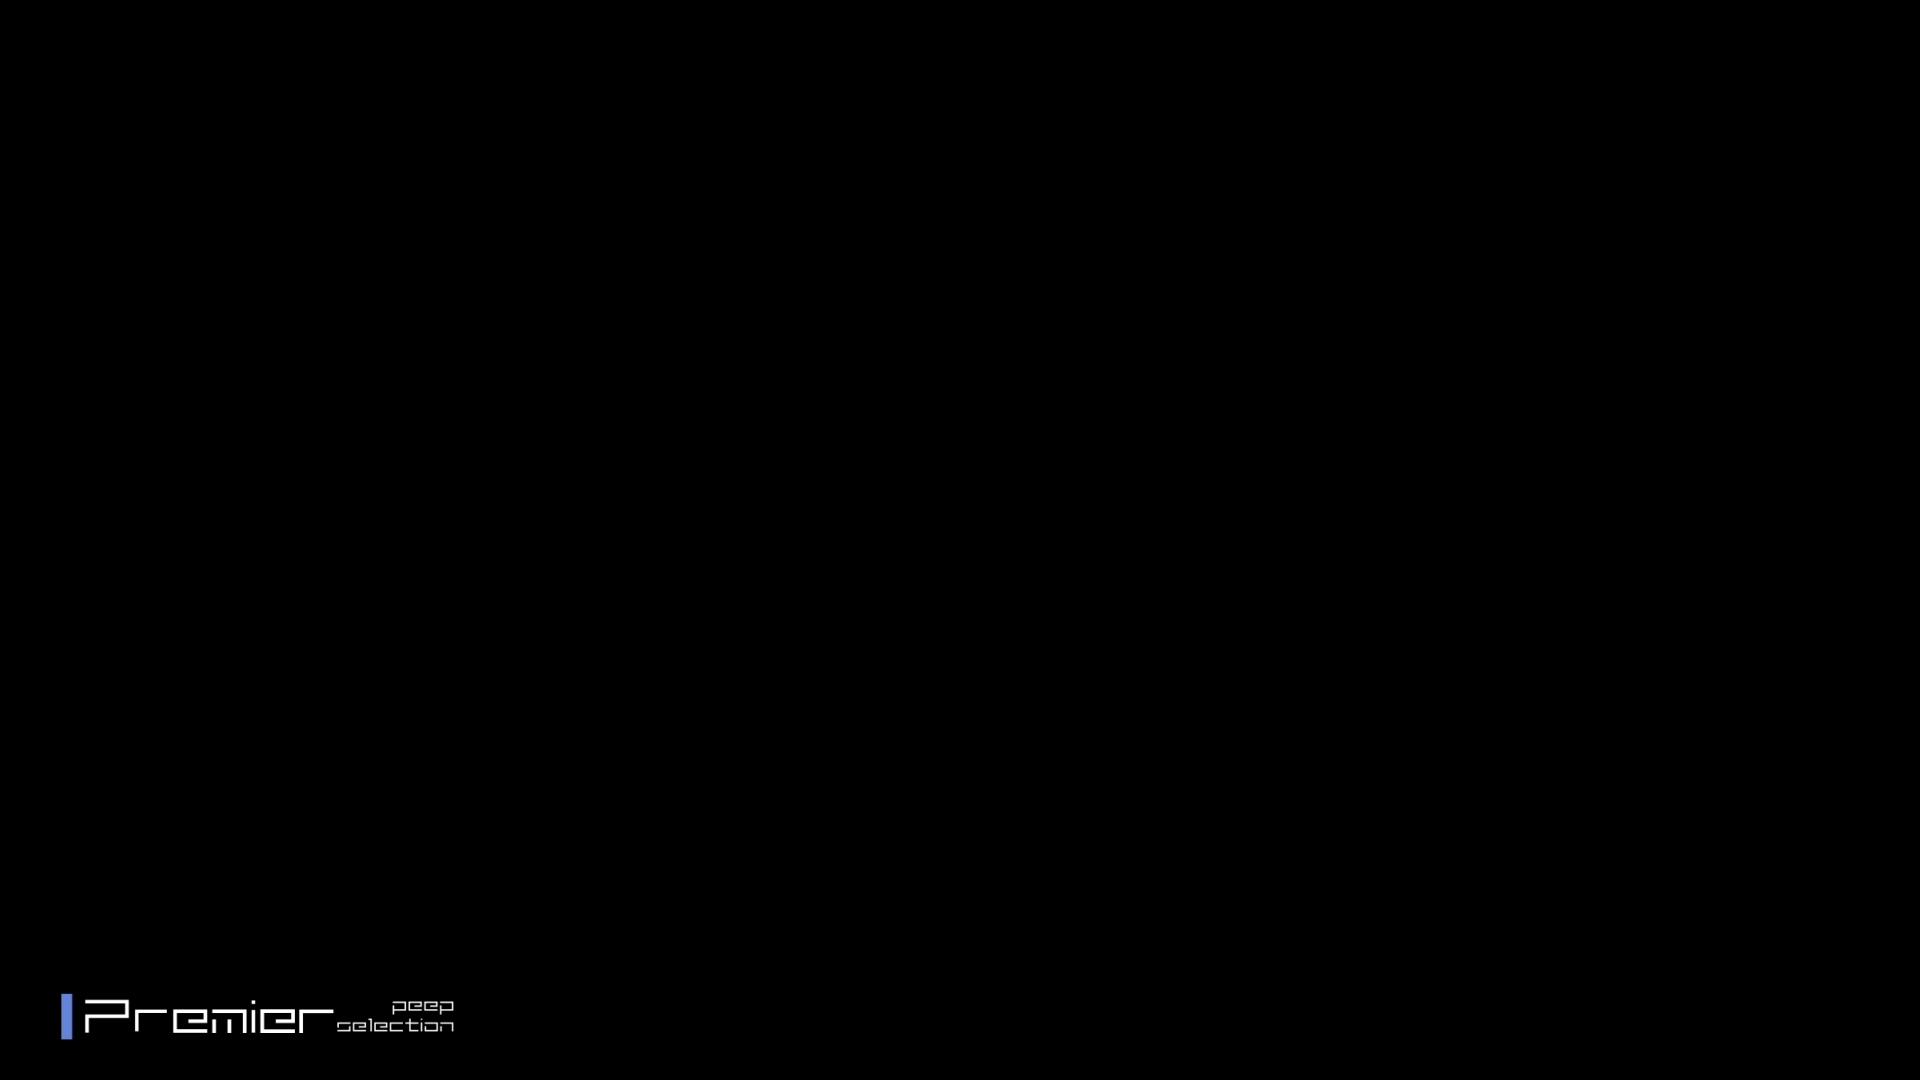 ★永久保存版★全員バレ!大迫力入浴シーン 美女達の私生活に潜入! 細身体型 オメコ動画キャプチャ 99枚 52